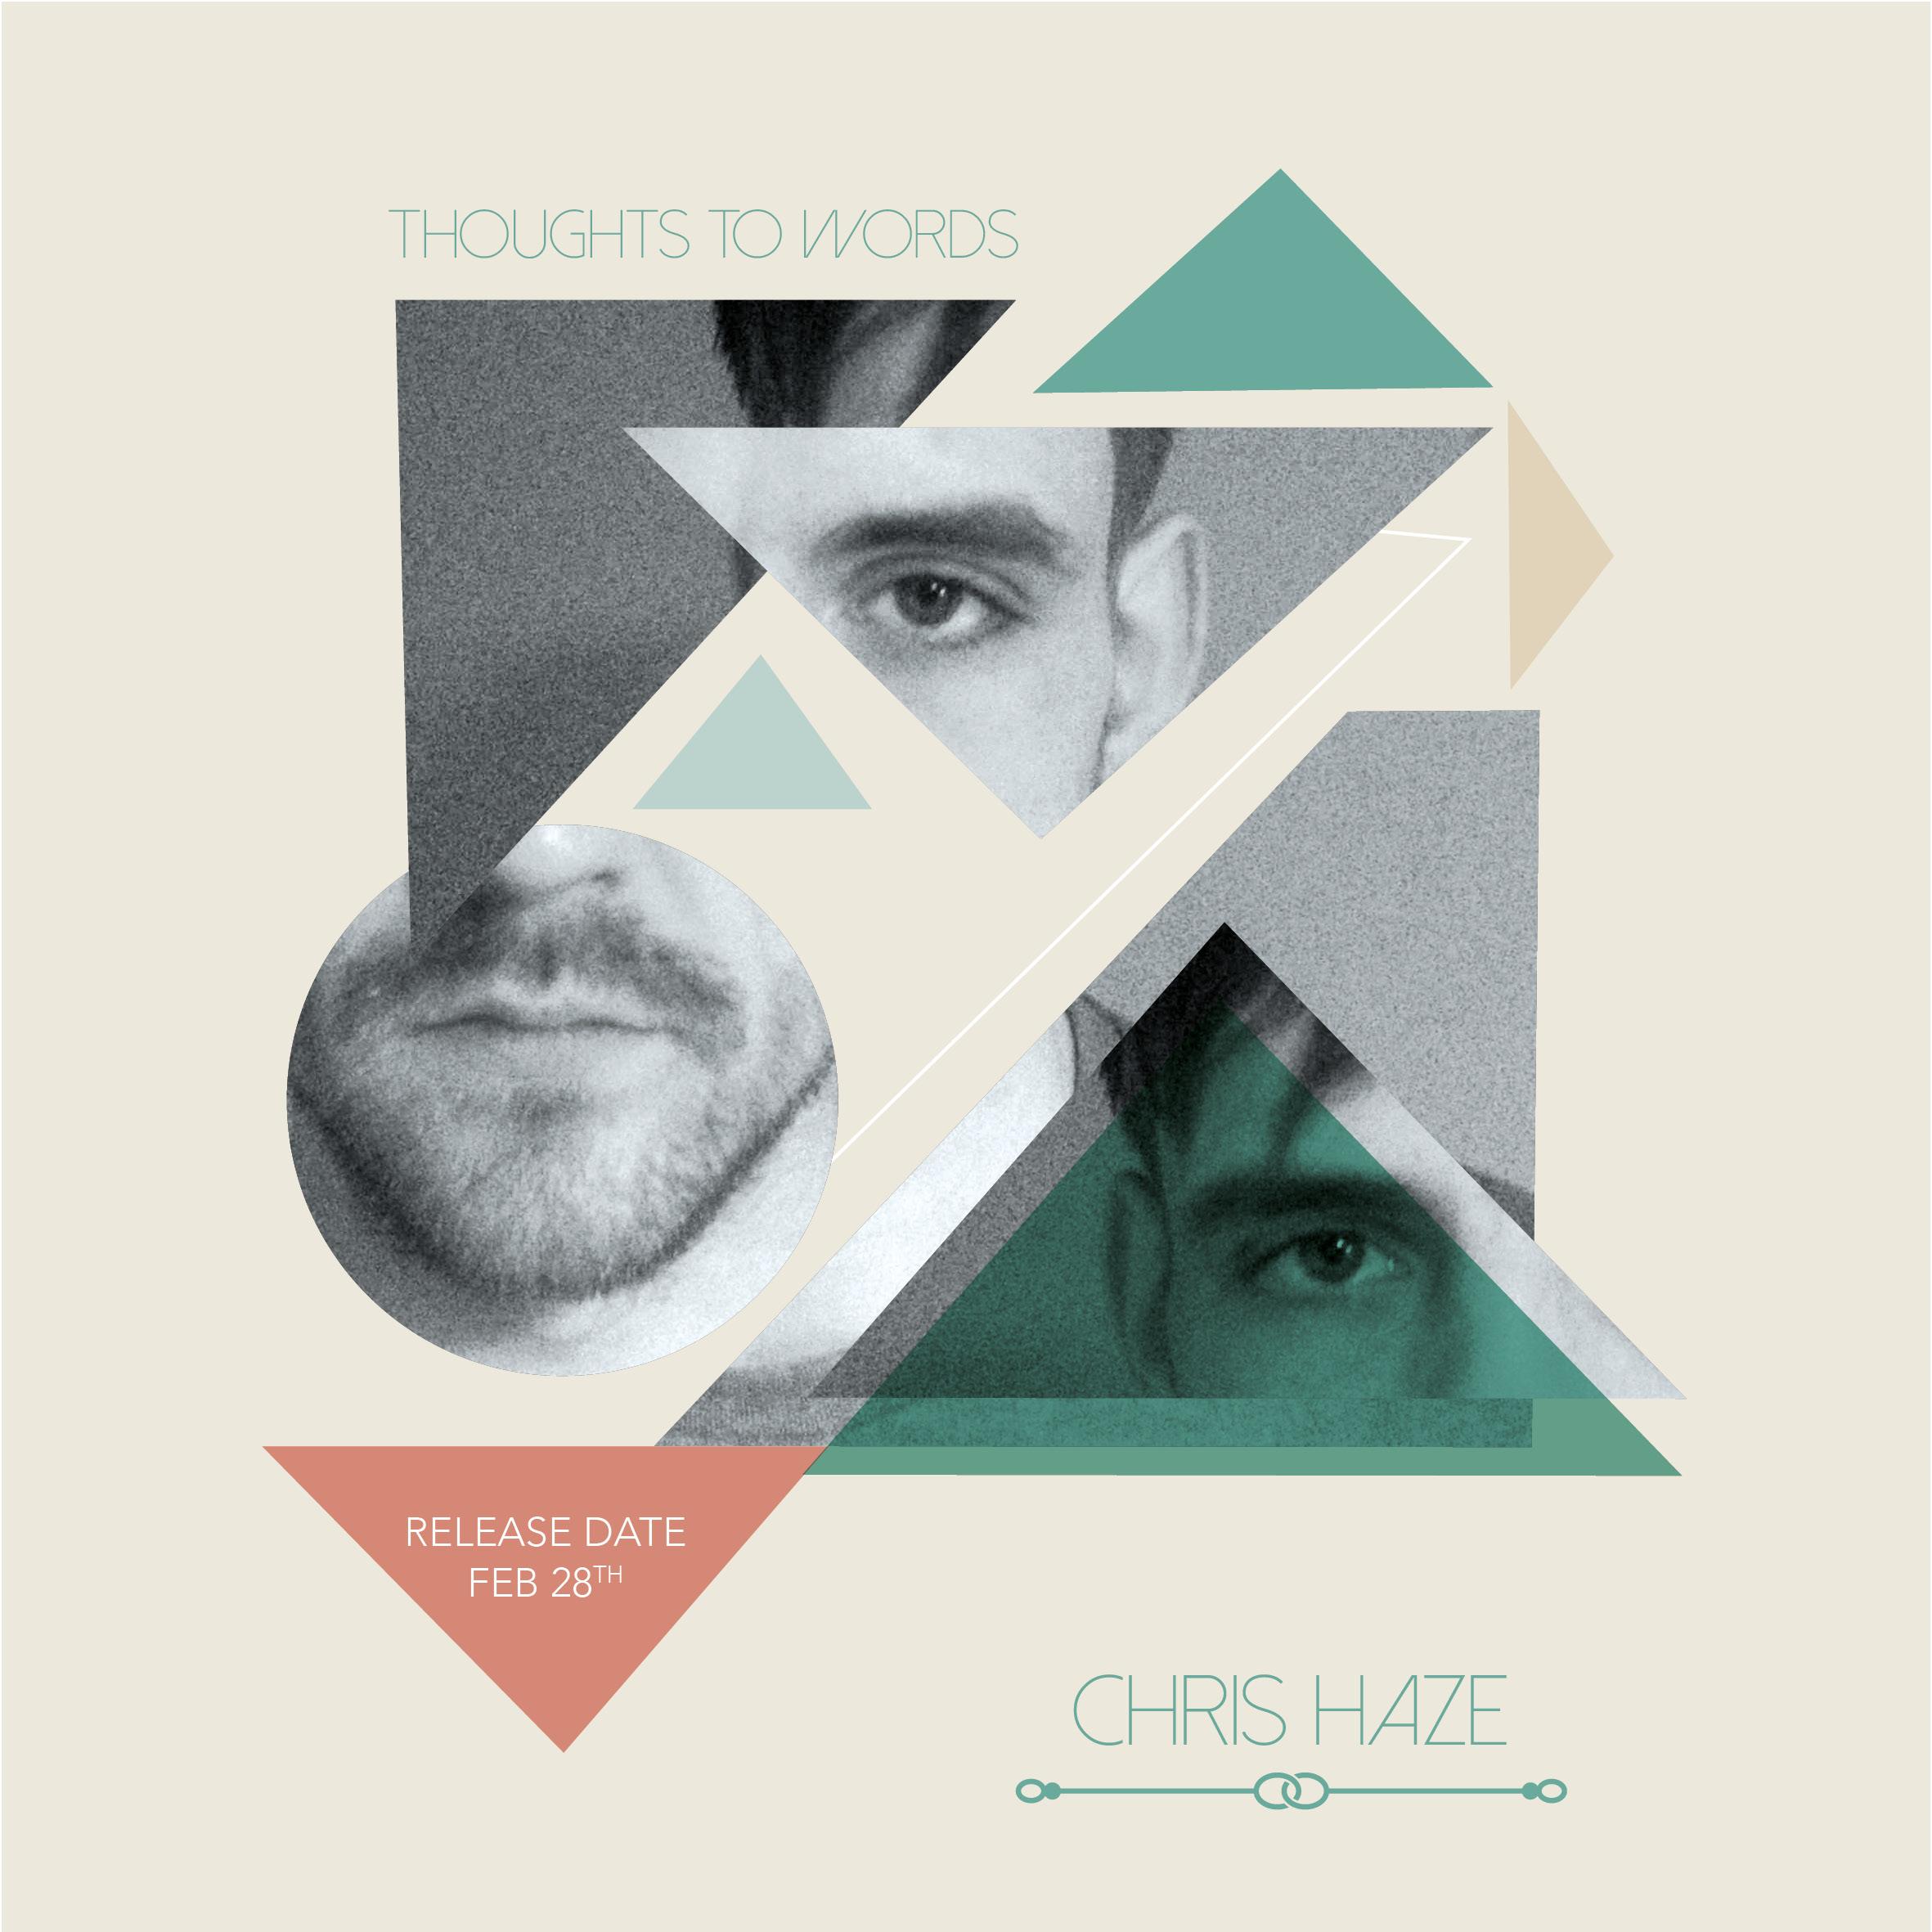 Chris Haze CD Cover